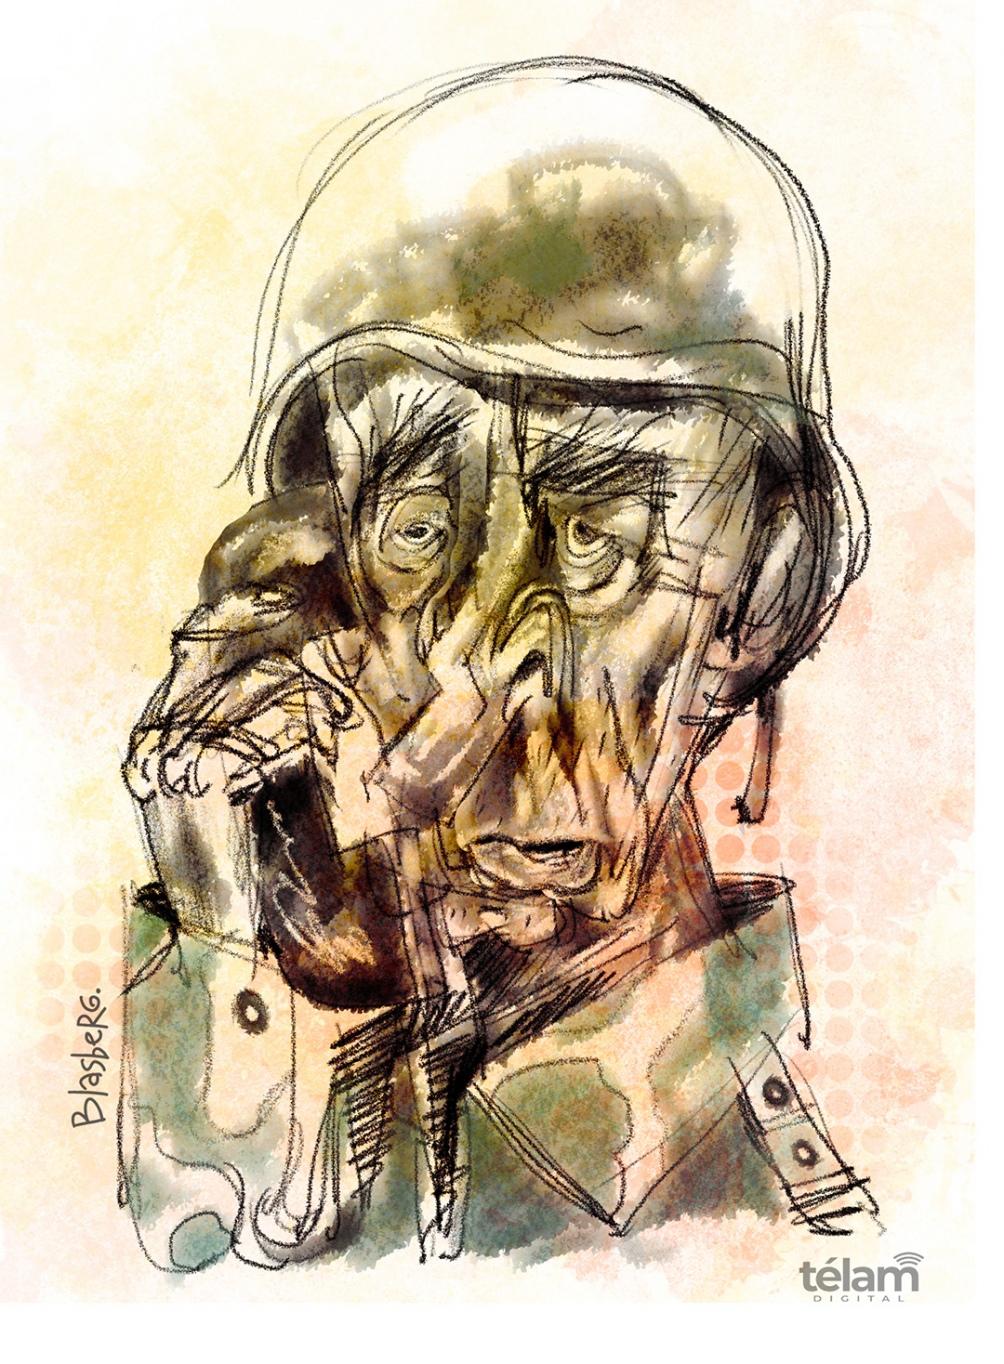 Miguel Gila y su particular humor en el recuerdo.